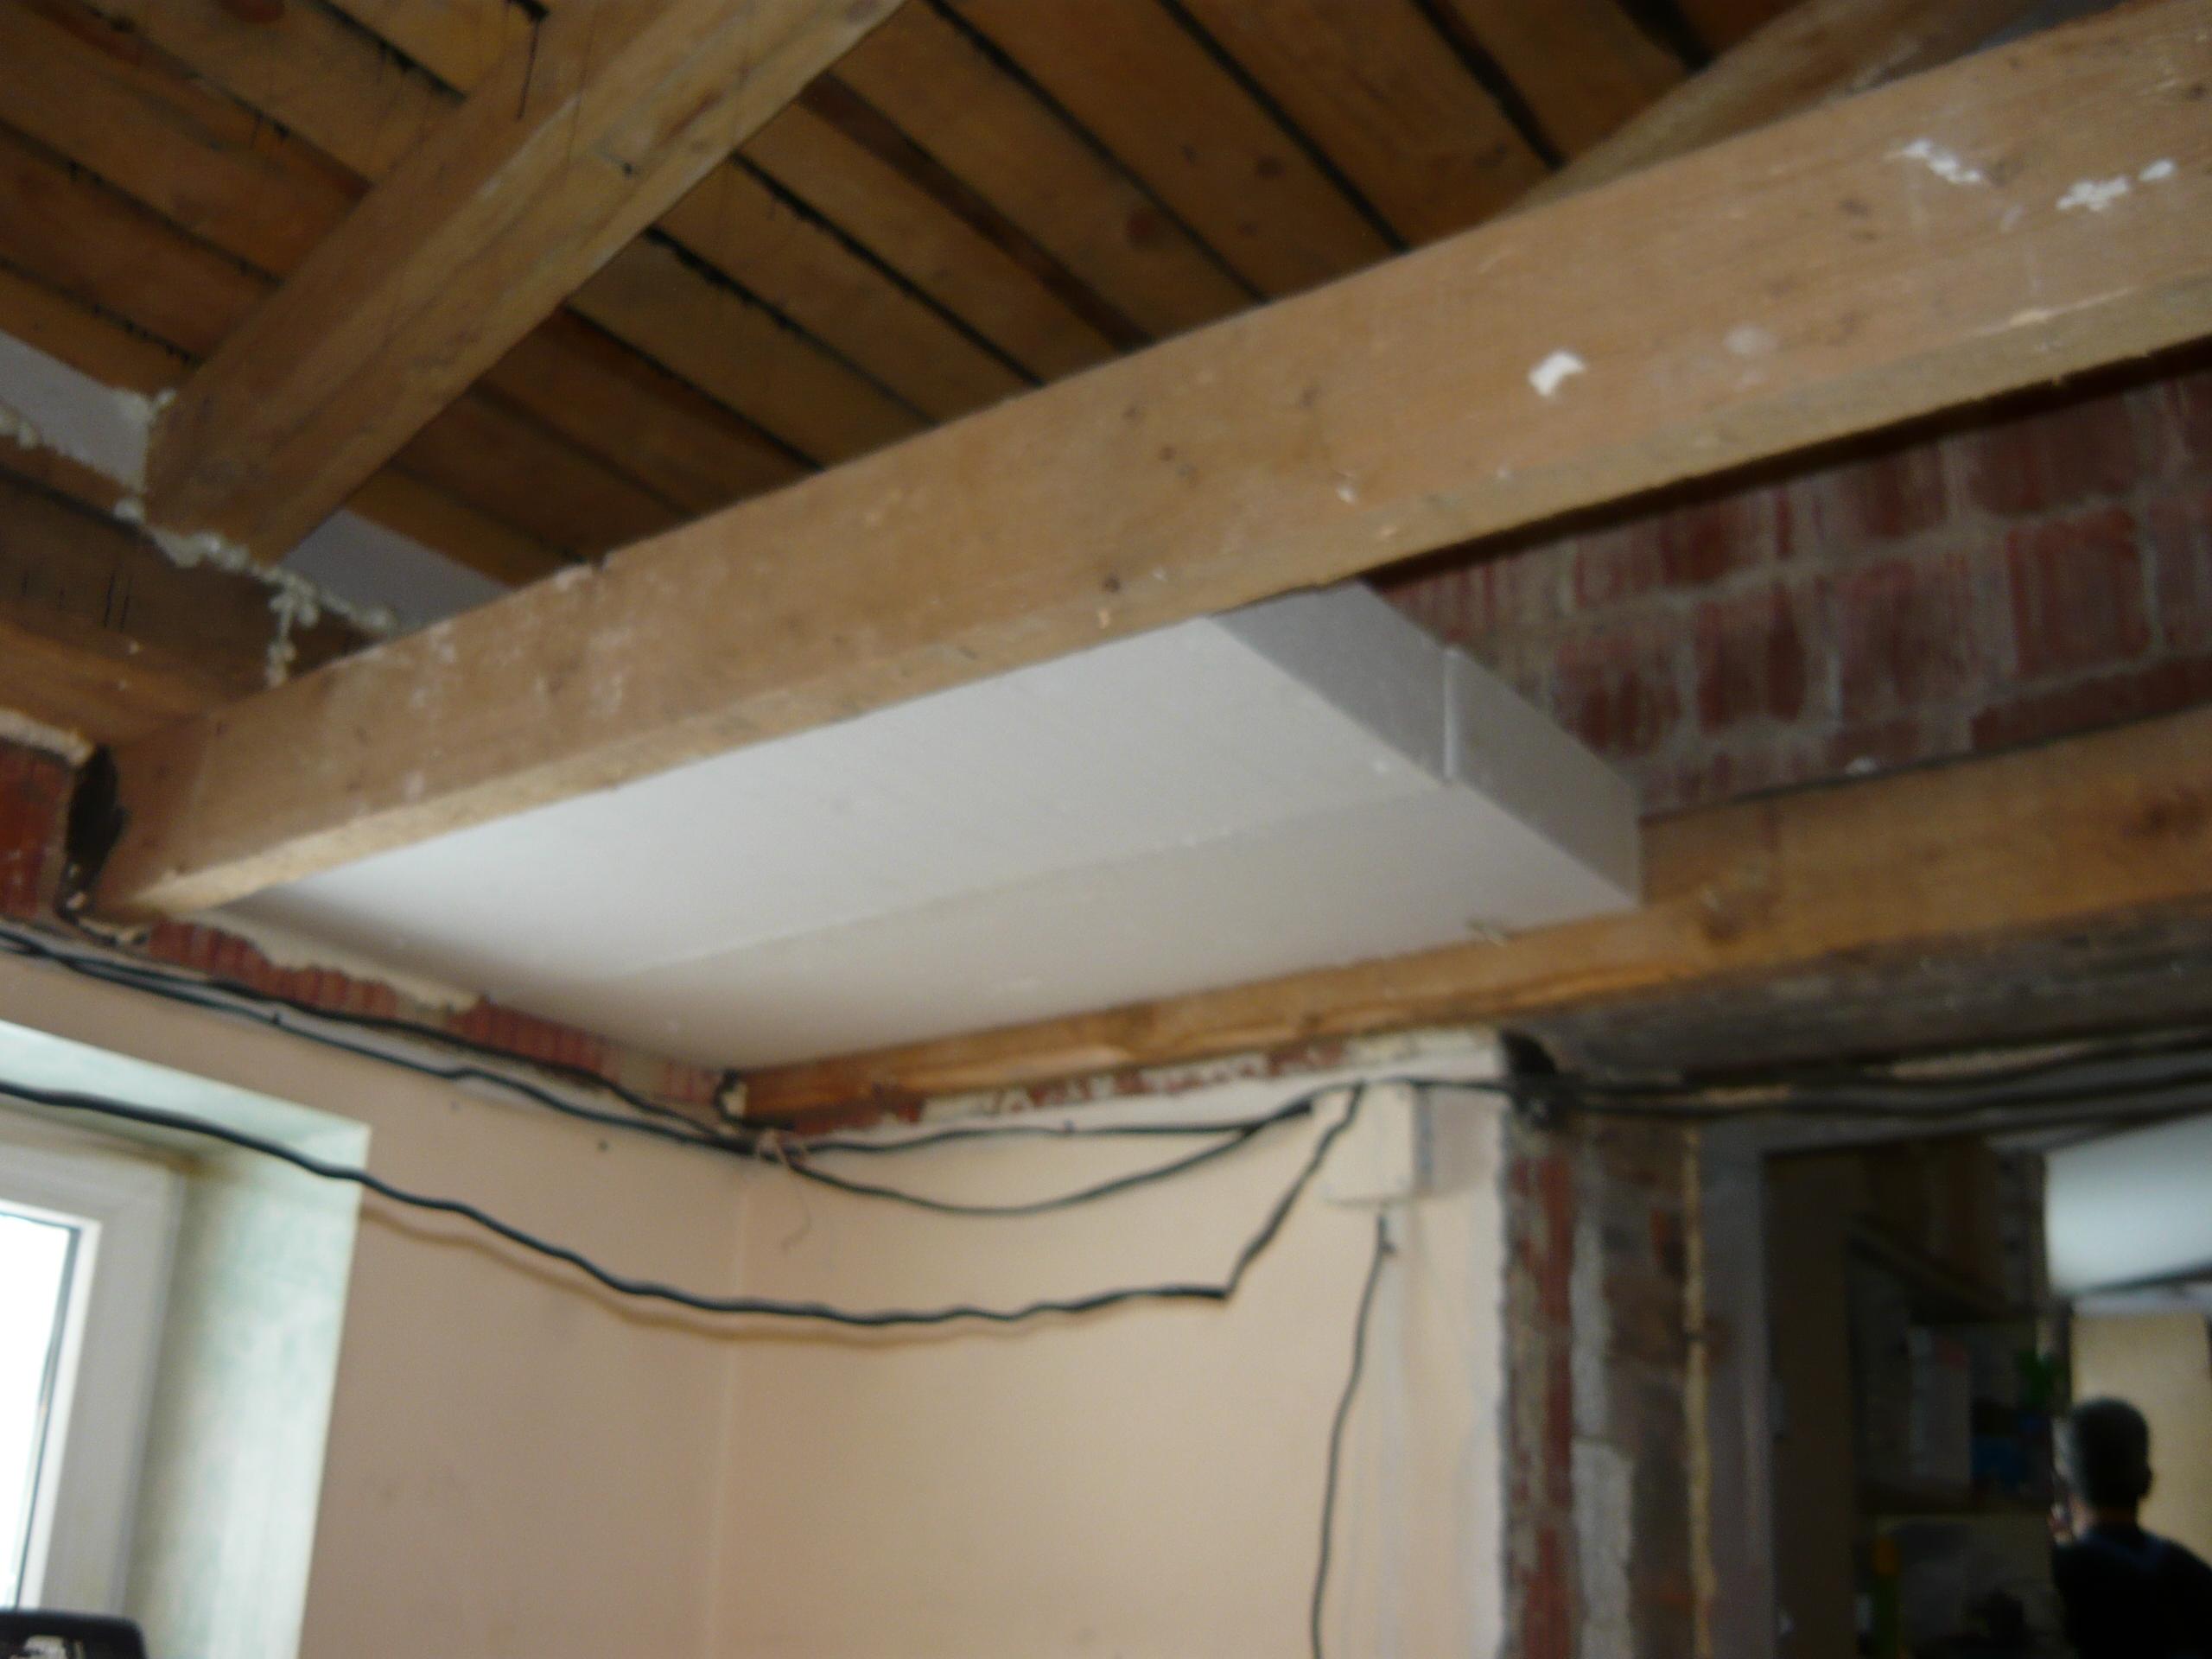 isolation plafond lambris bois prix travaux au m2 haute garonne entreprise wvgyf. Black Bedroom Furniture Sets. Home Design Ideas